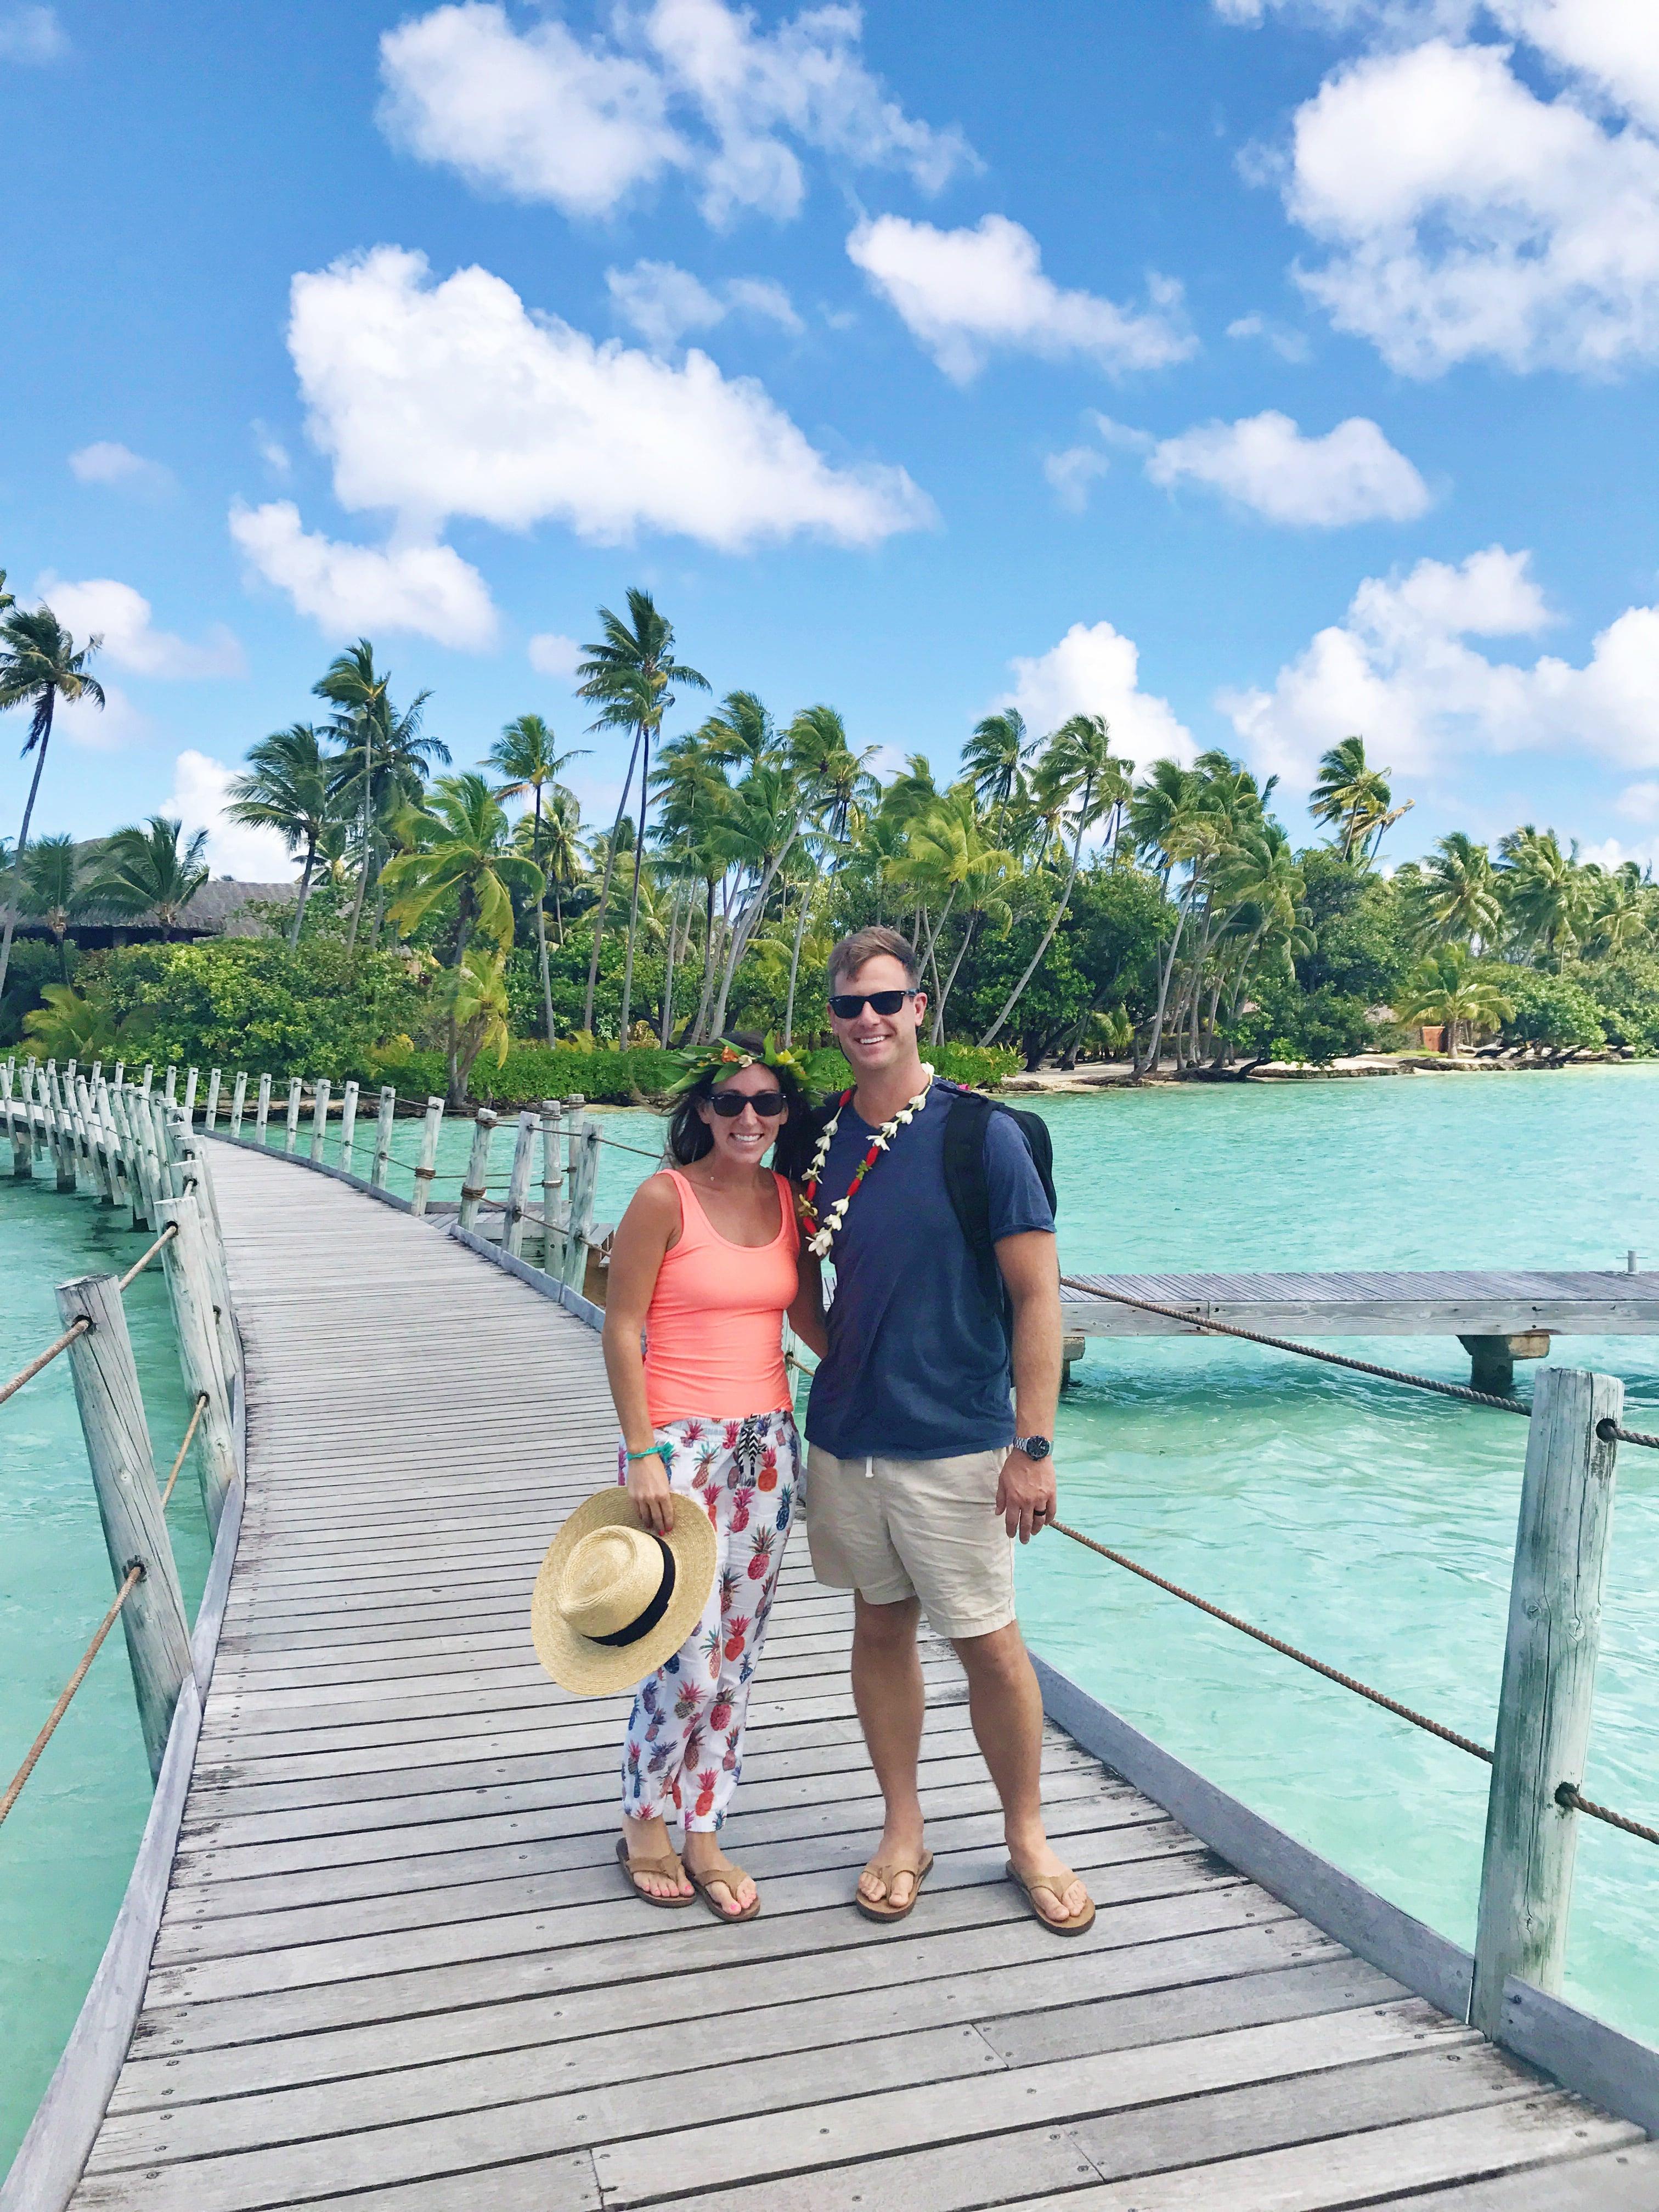 7 Tips For International Travel - 7 tips to make international travel as stress free as possible | International Travel Tips - Easy Travel Tips - Travel Tips For Stress Free Travel - #travel